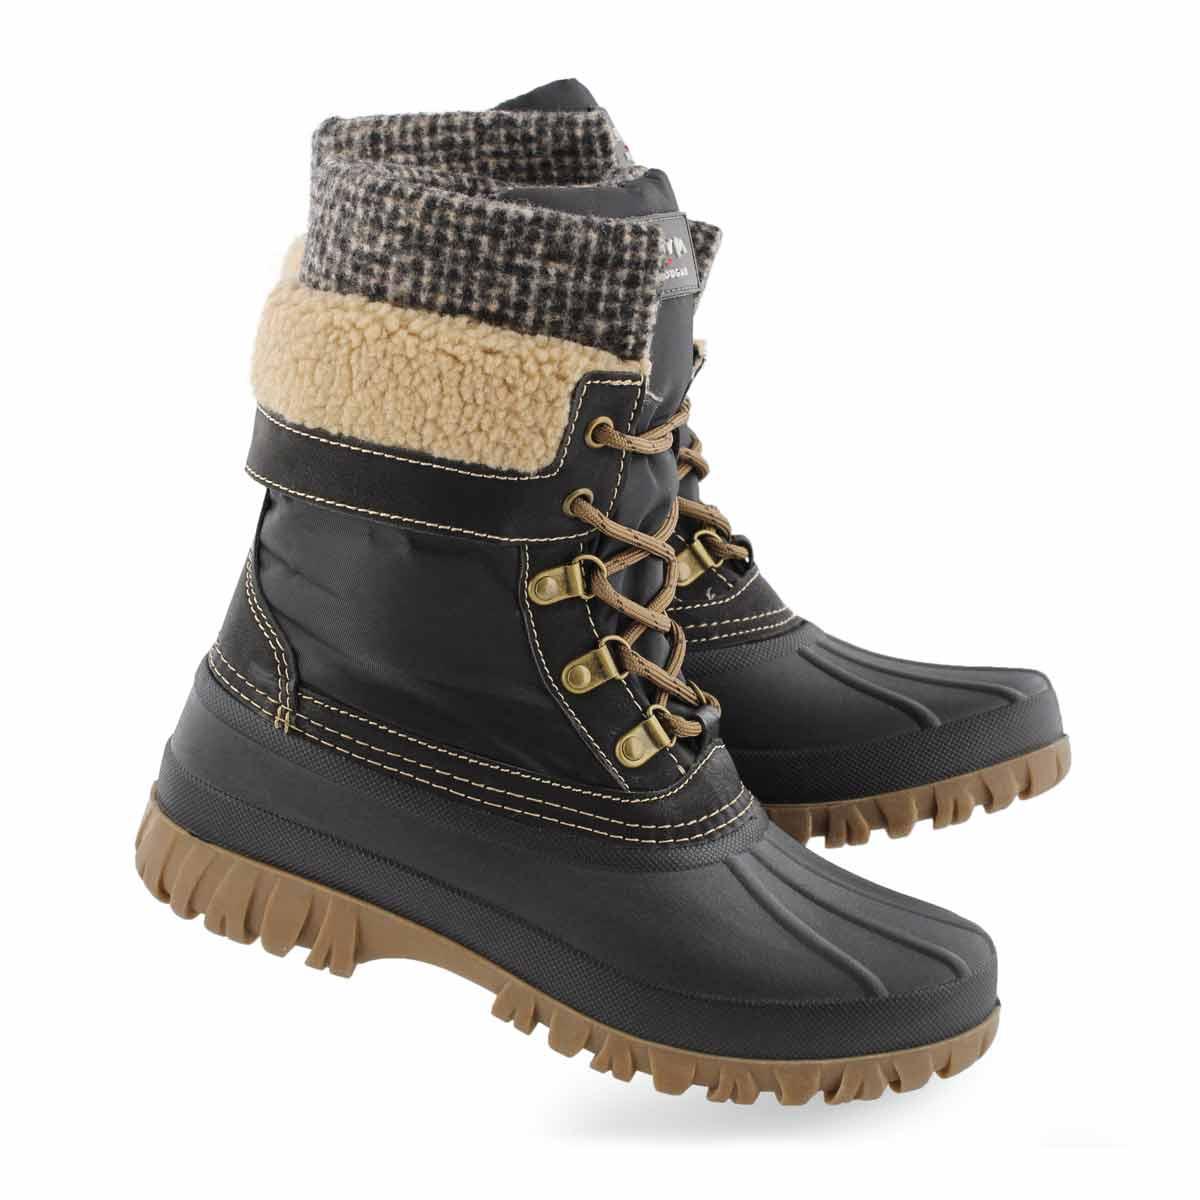 Lds Creek blk tweed wtpf winter boot